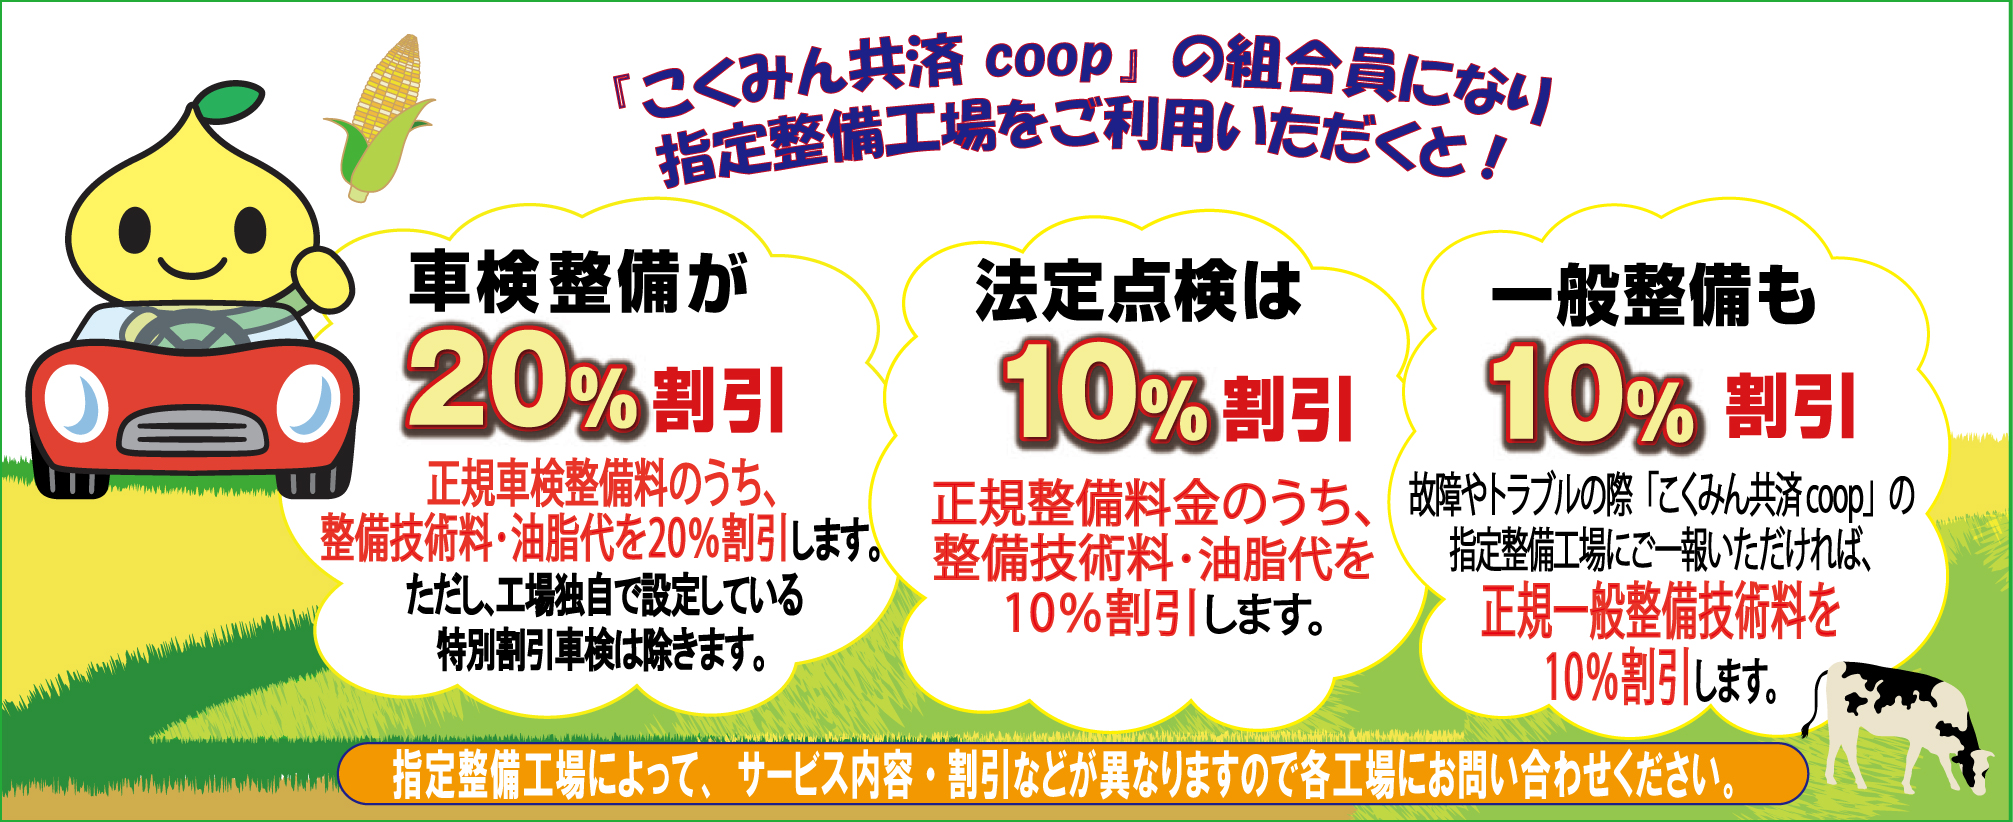 札幌 全労済 全国労働者共済生活協同組合連合会